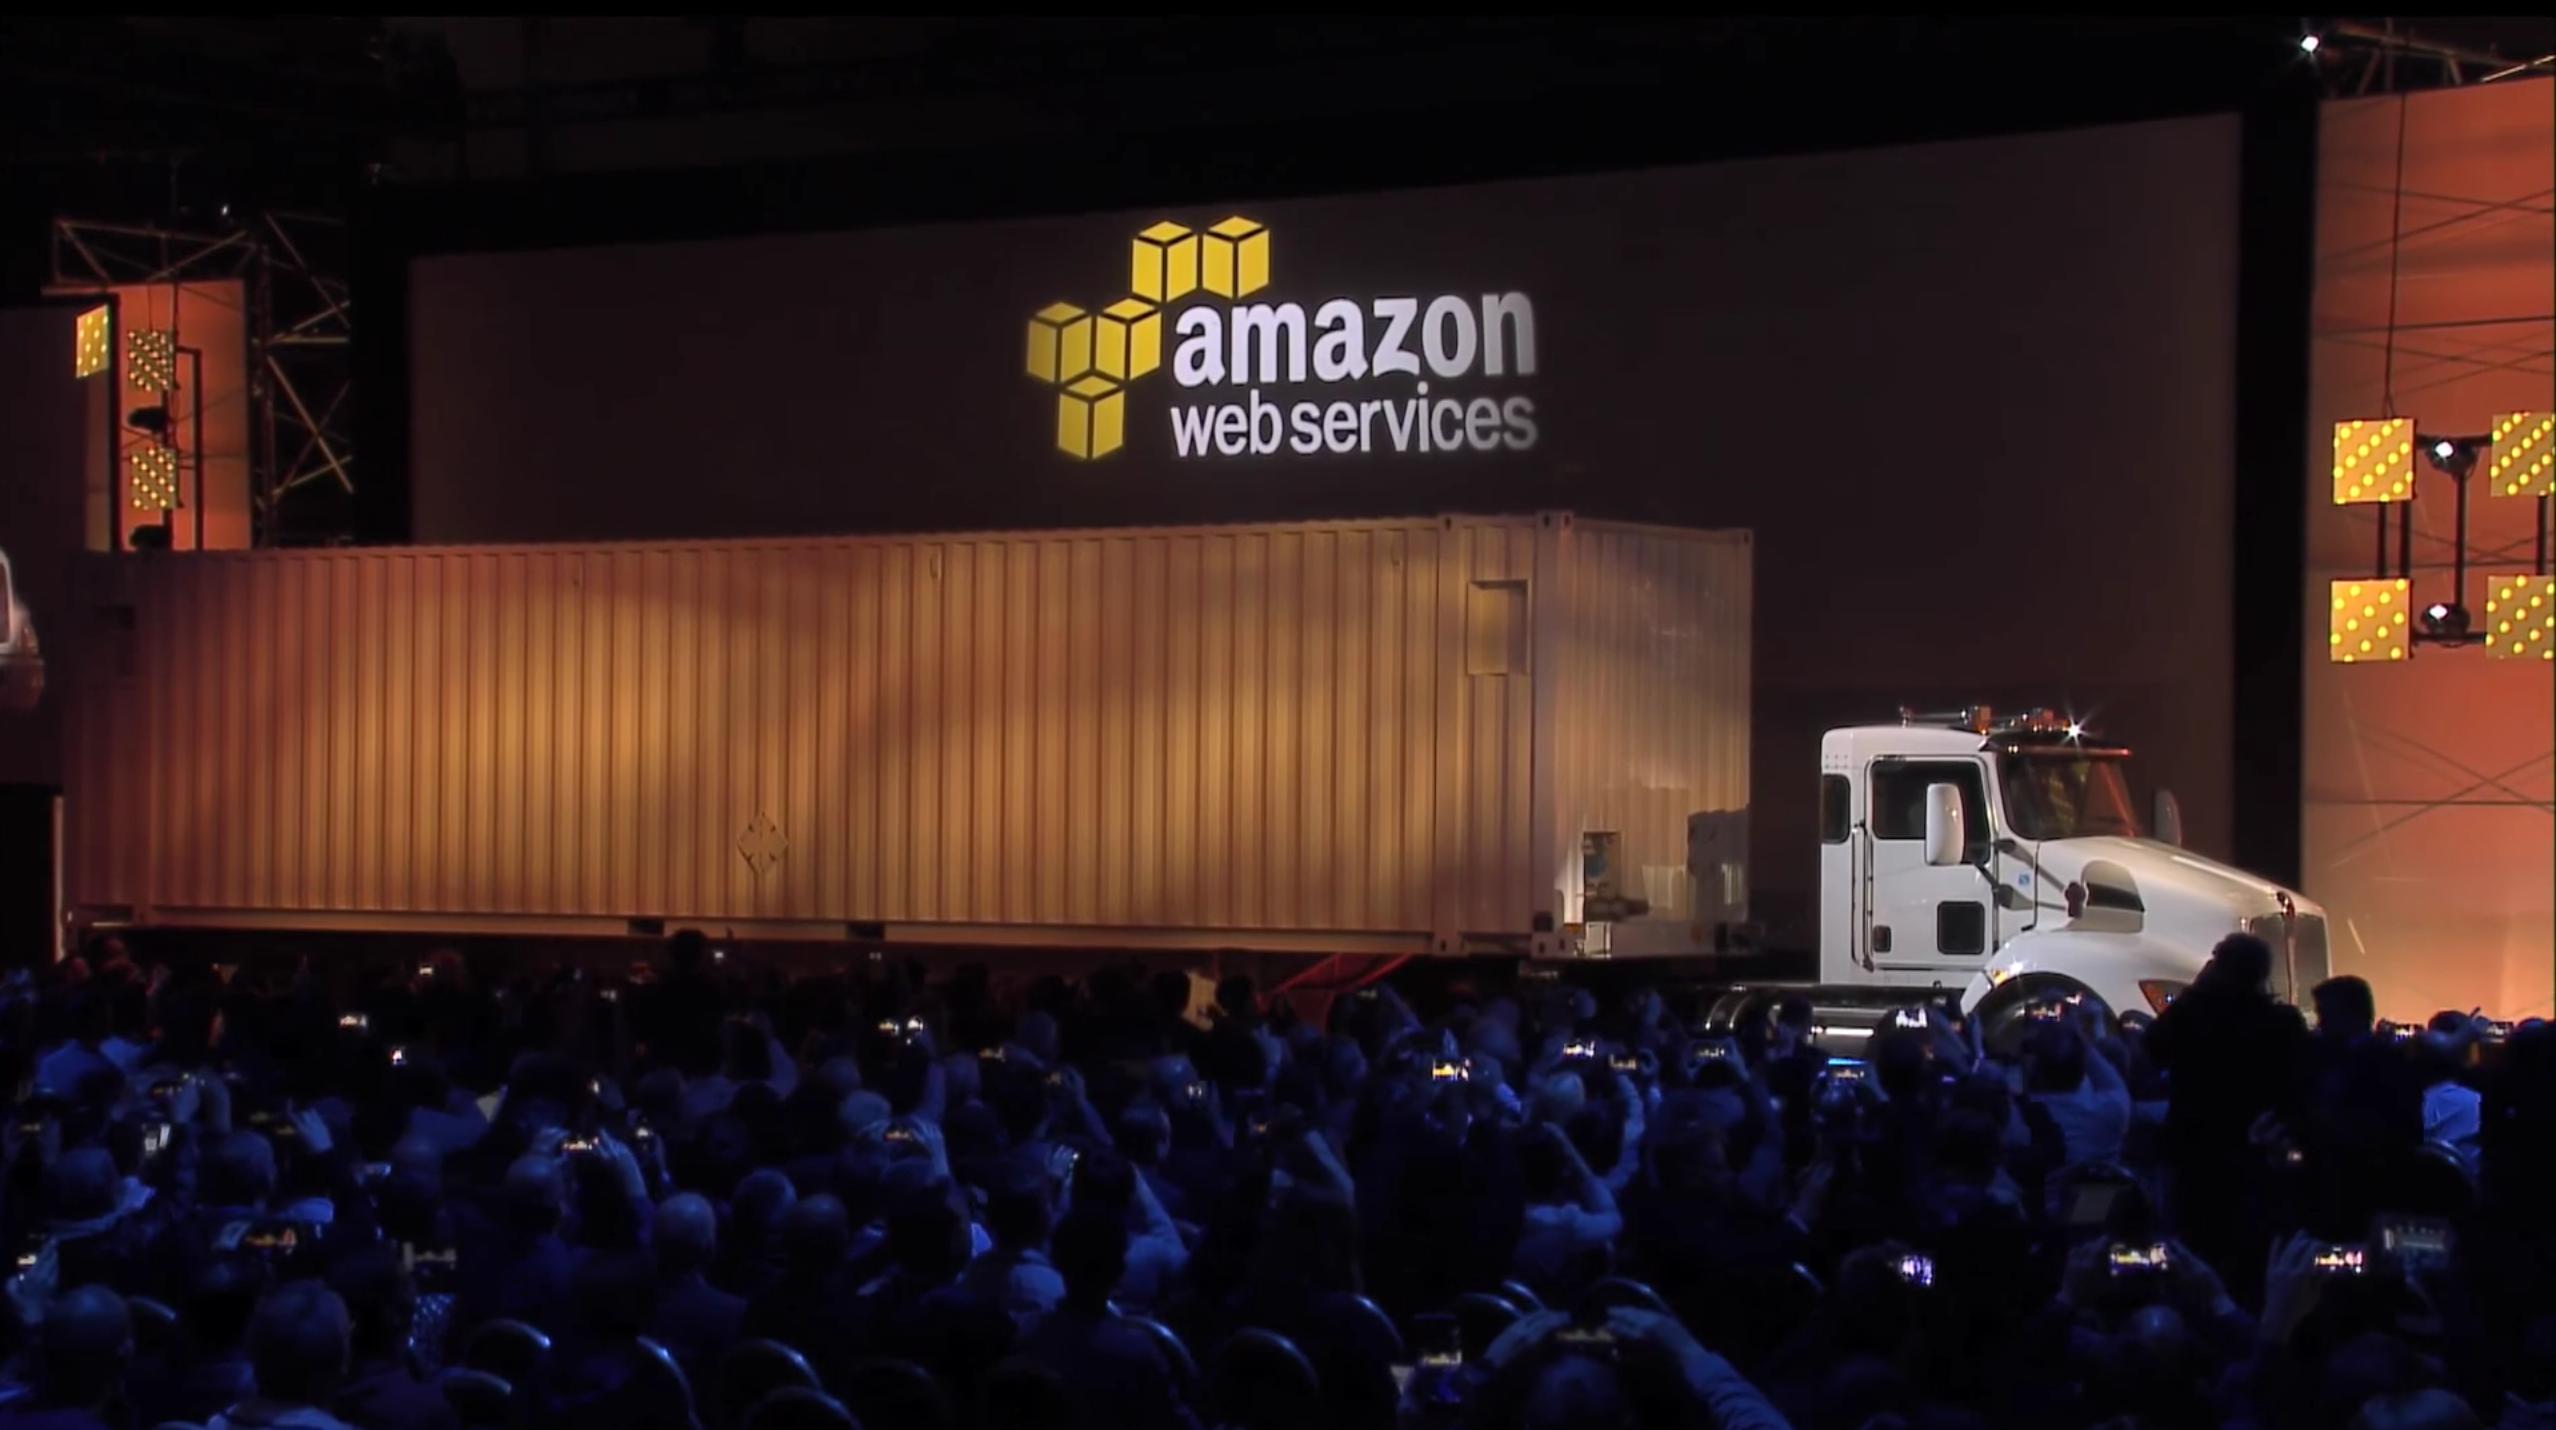 Truck Full of Data